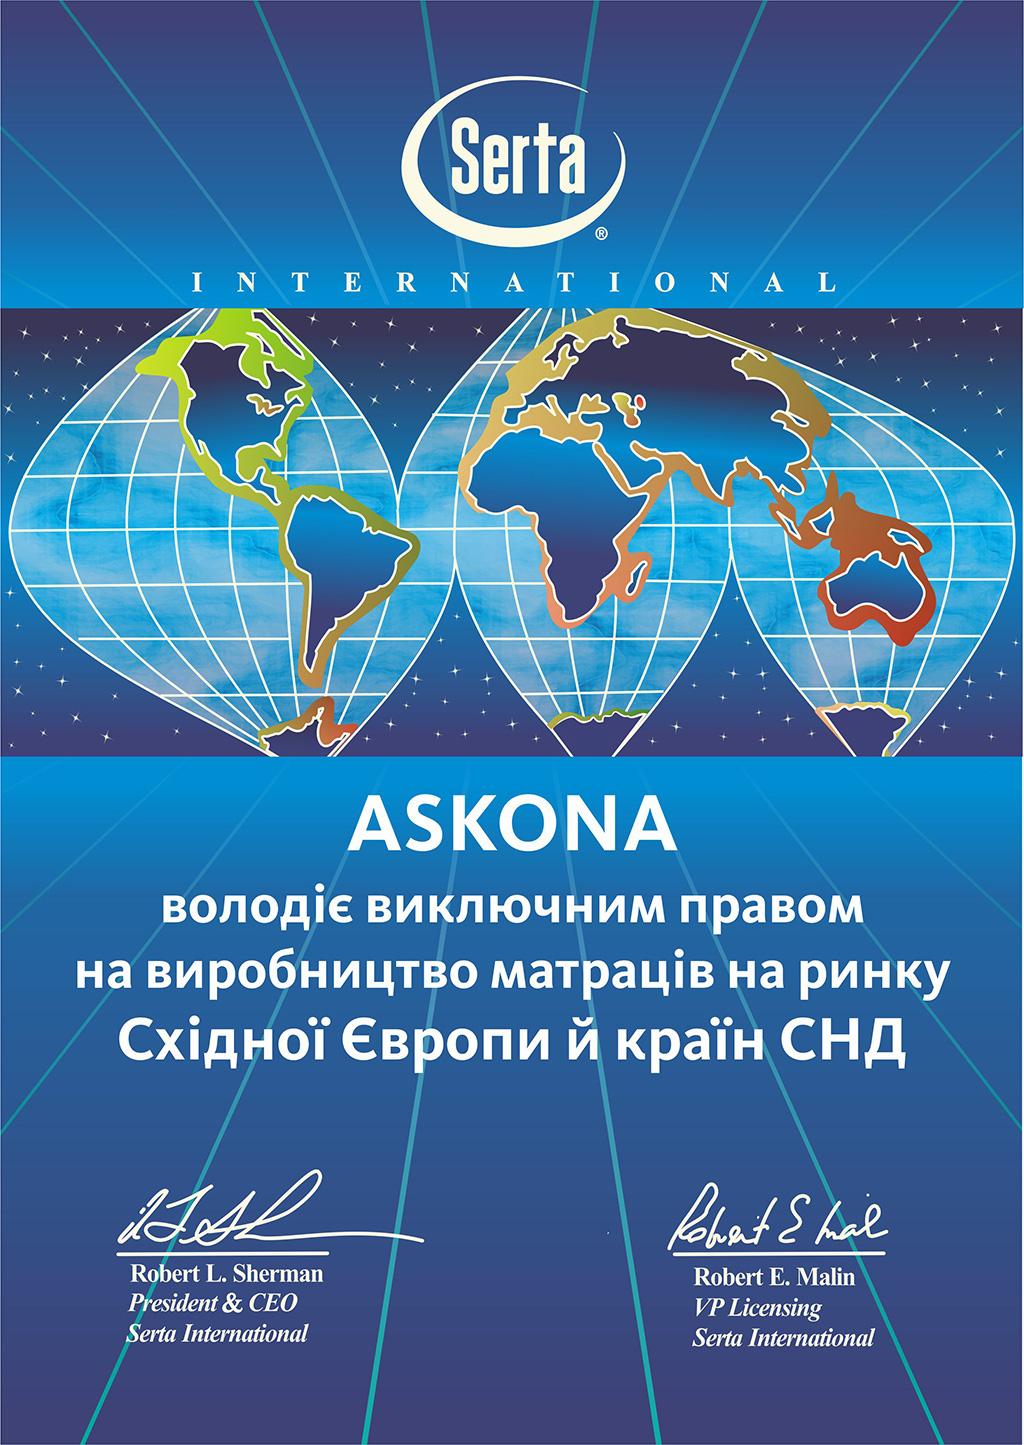 Эксклюзивное право на производство матрасов Аскона Серта.